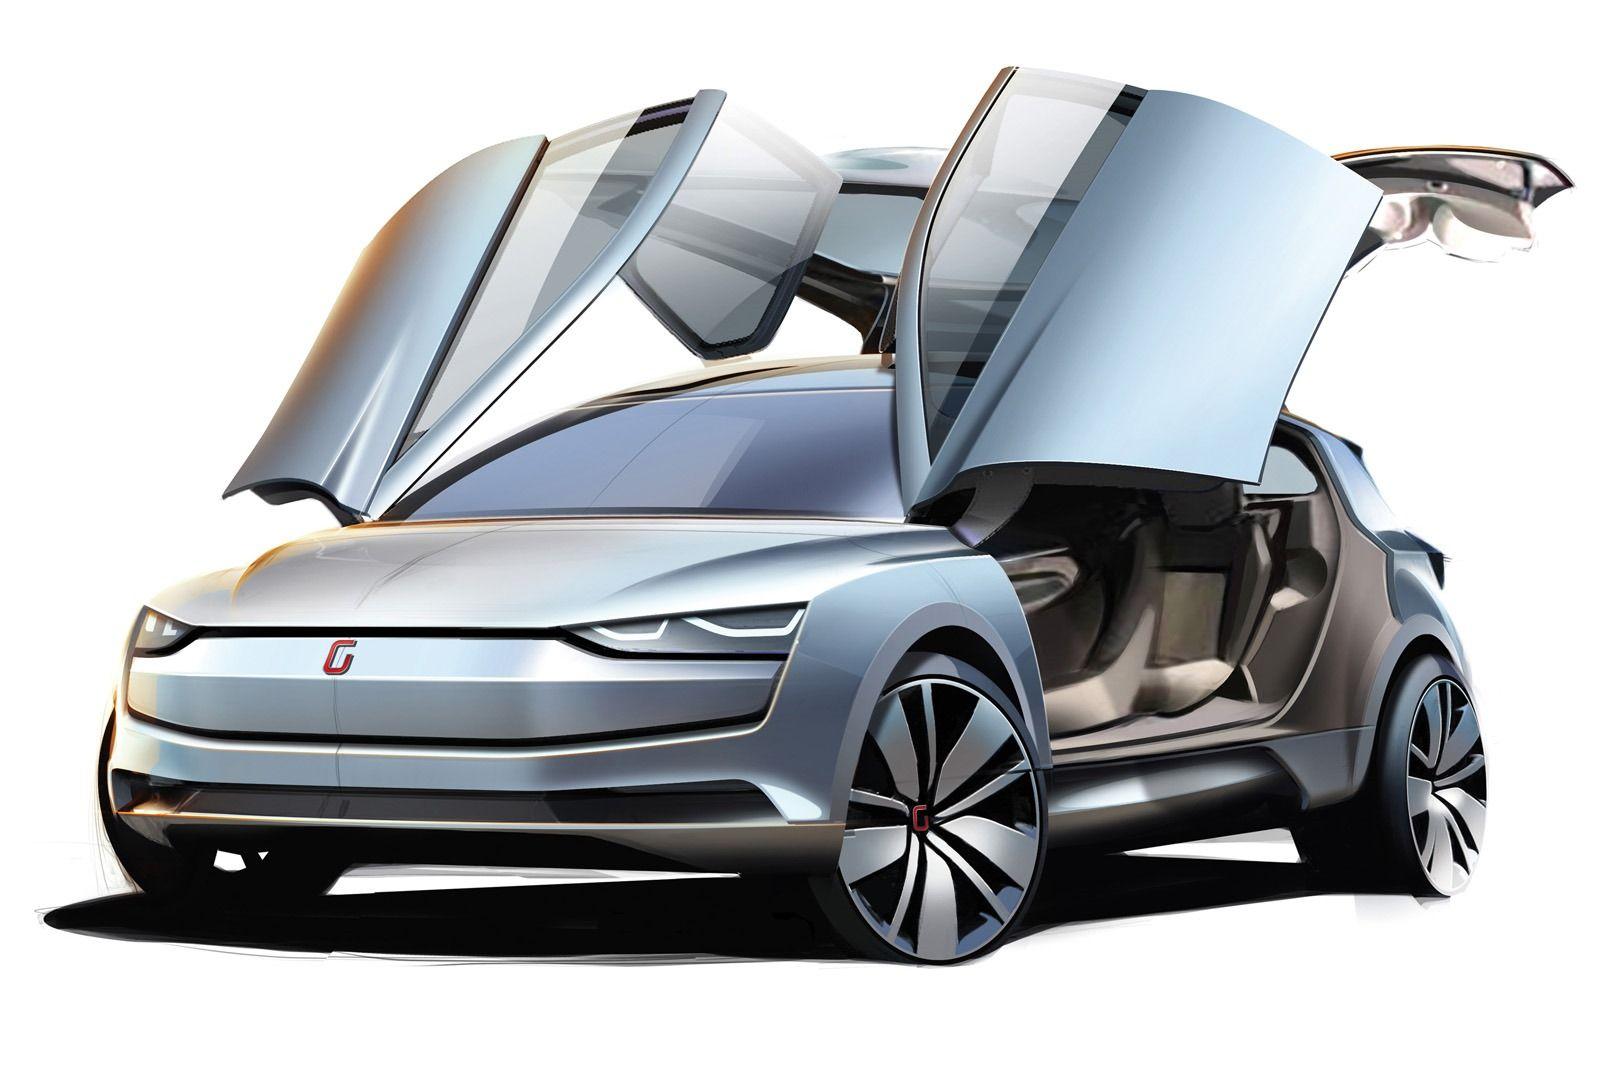 Italdesign Guigiaro S Six Seater Clipper Mpv Concept Comes In A